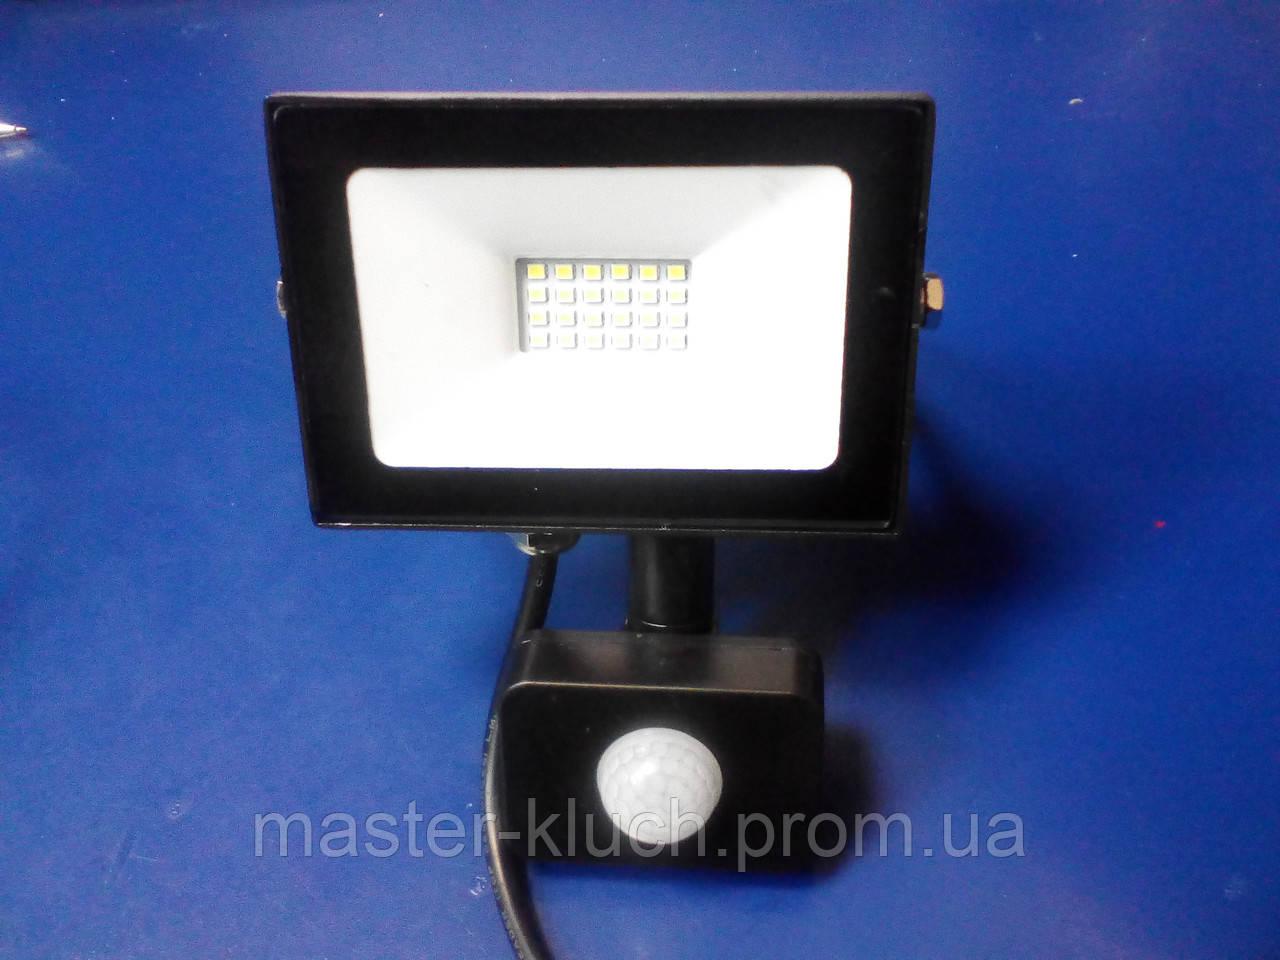 Прожектор светодиодный с датчиком движения Lemanso LMPS27 20W IP65